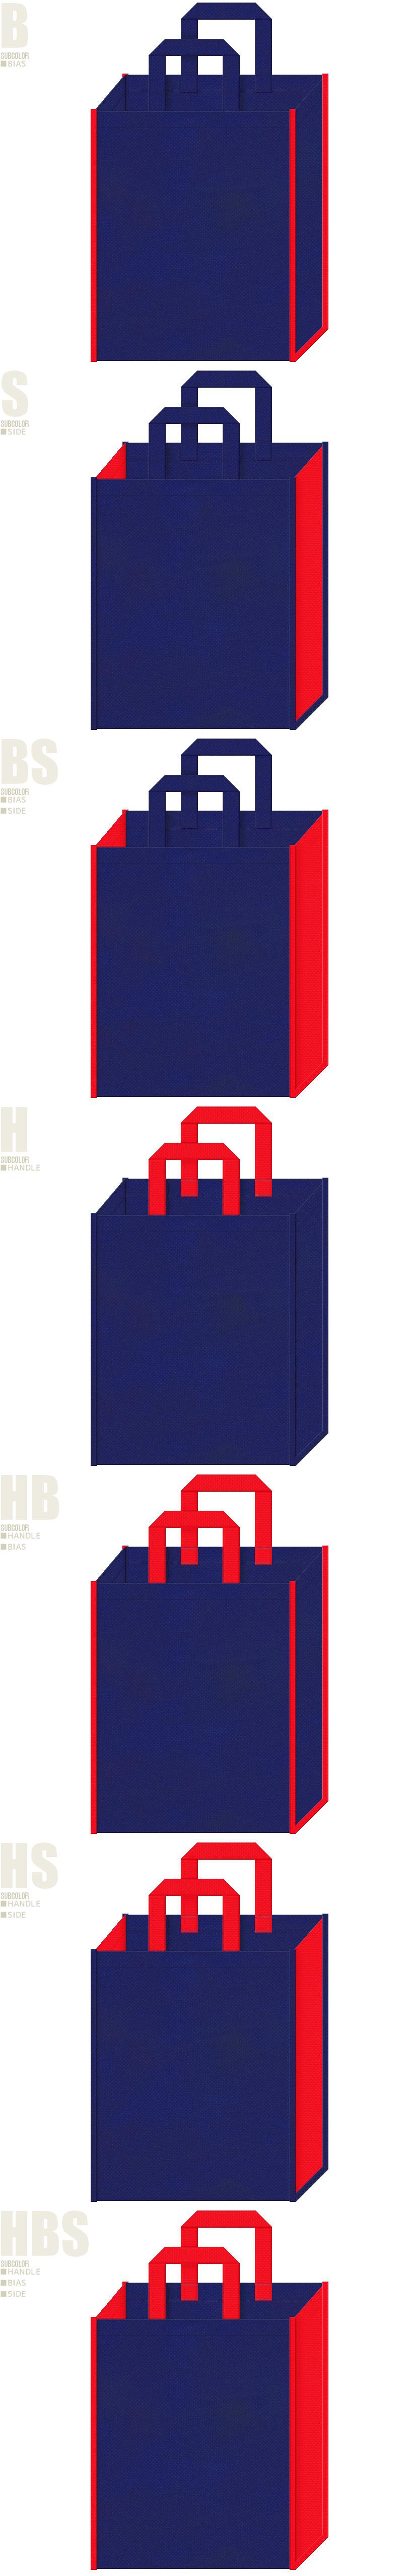 花火大会・金魚すくい等のサマーイベント向けにお奨めの、紺紫色と赤色-7パターンの不織布トートバッグ配色デザイン例